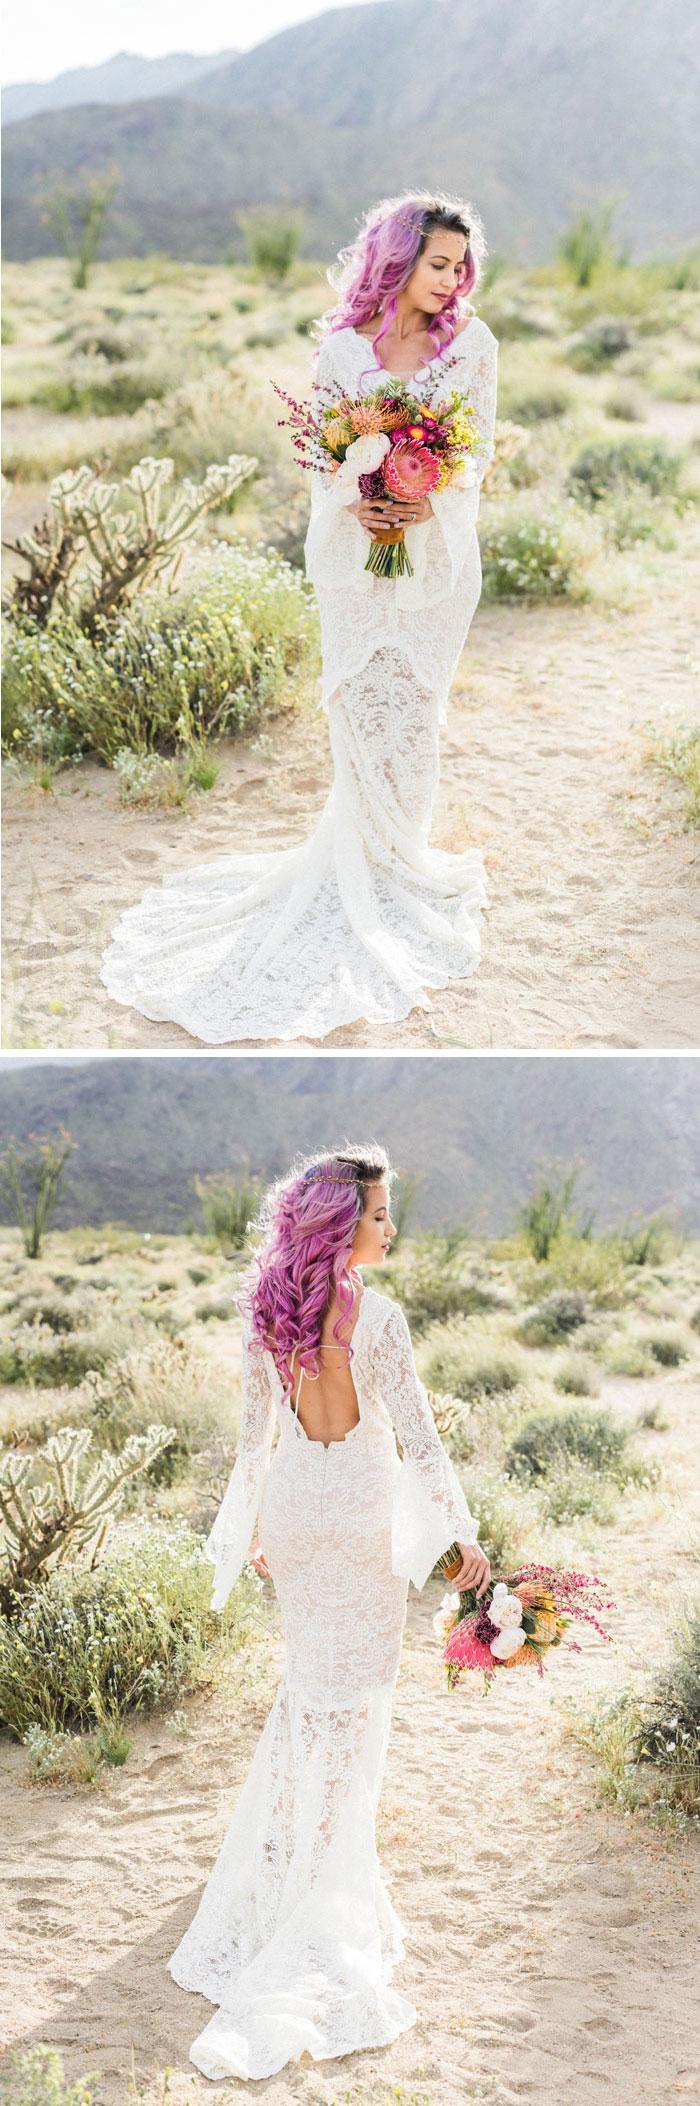 boho desert bride